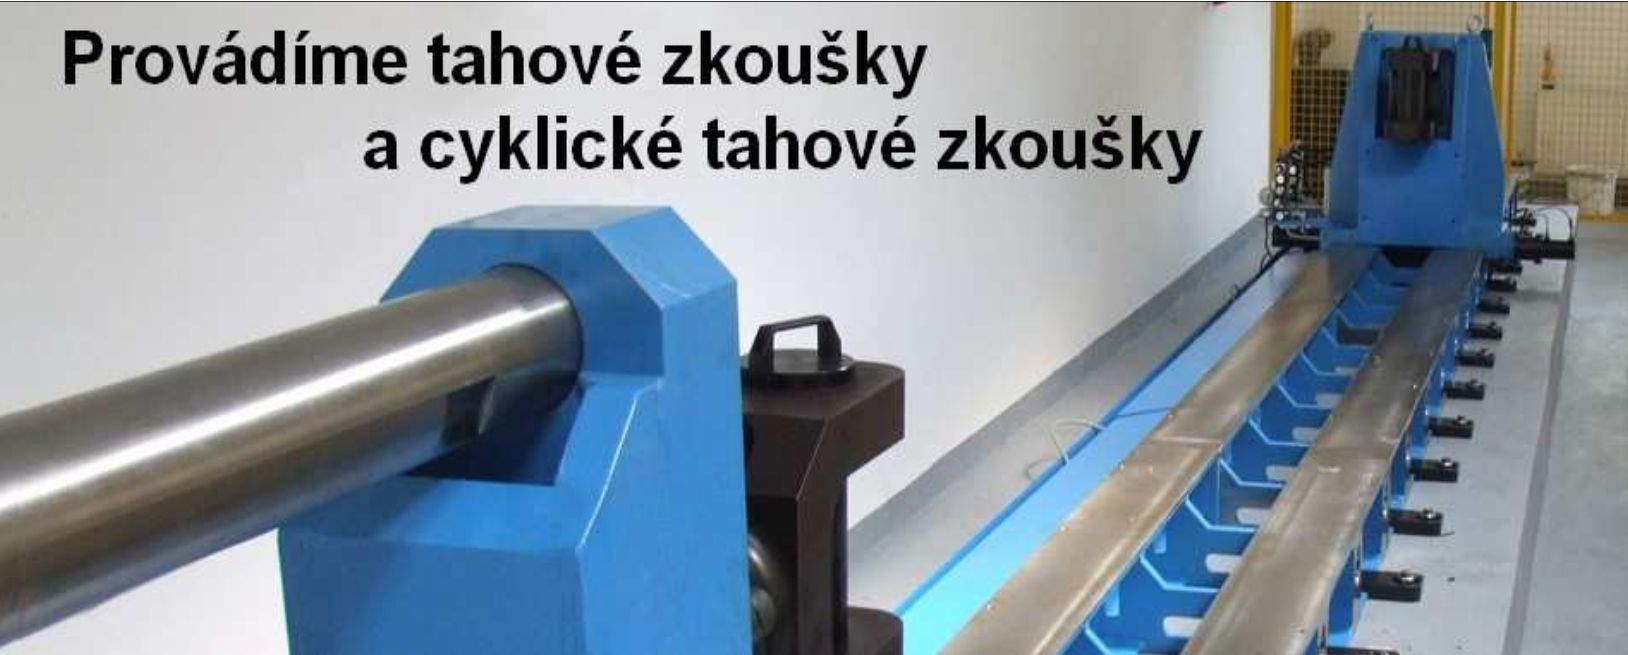 tahové zkoušky do 1500 kN zkušebna Pavlínek s.r.o.